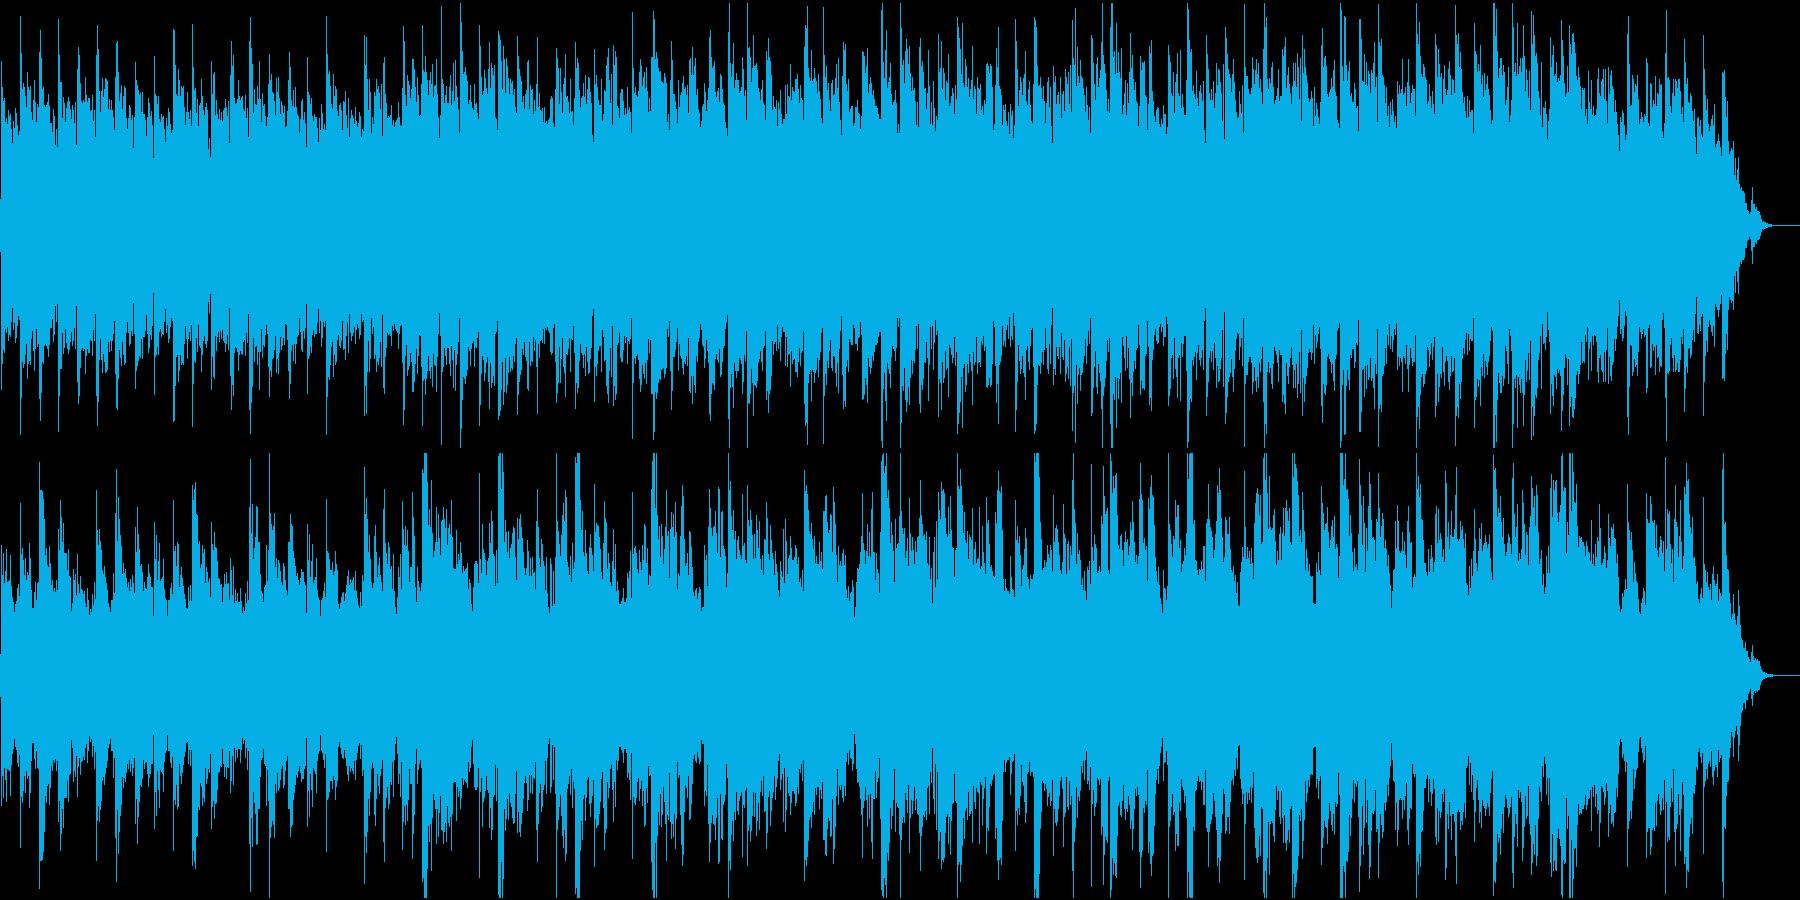 和風:日本の風情・情緒⑥高音弦と太鼓なしの再生済みの波形